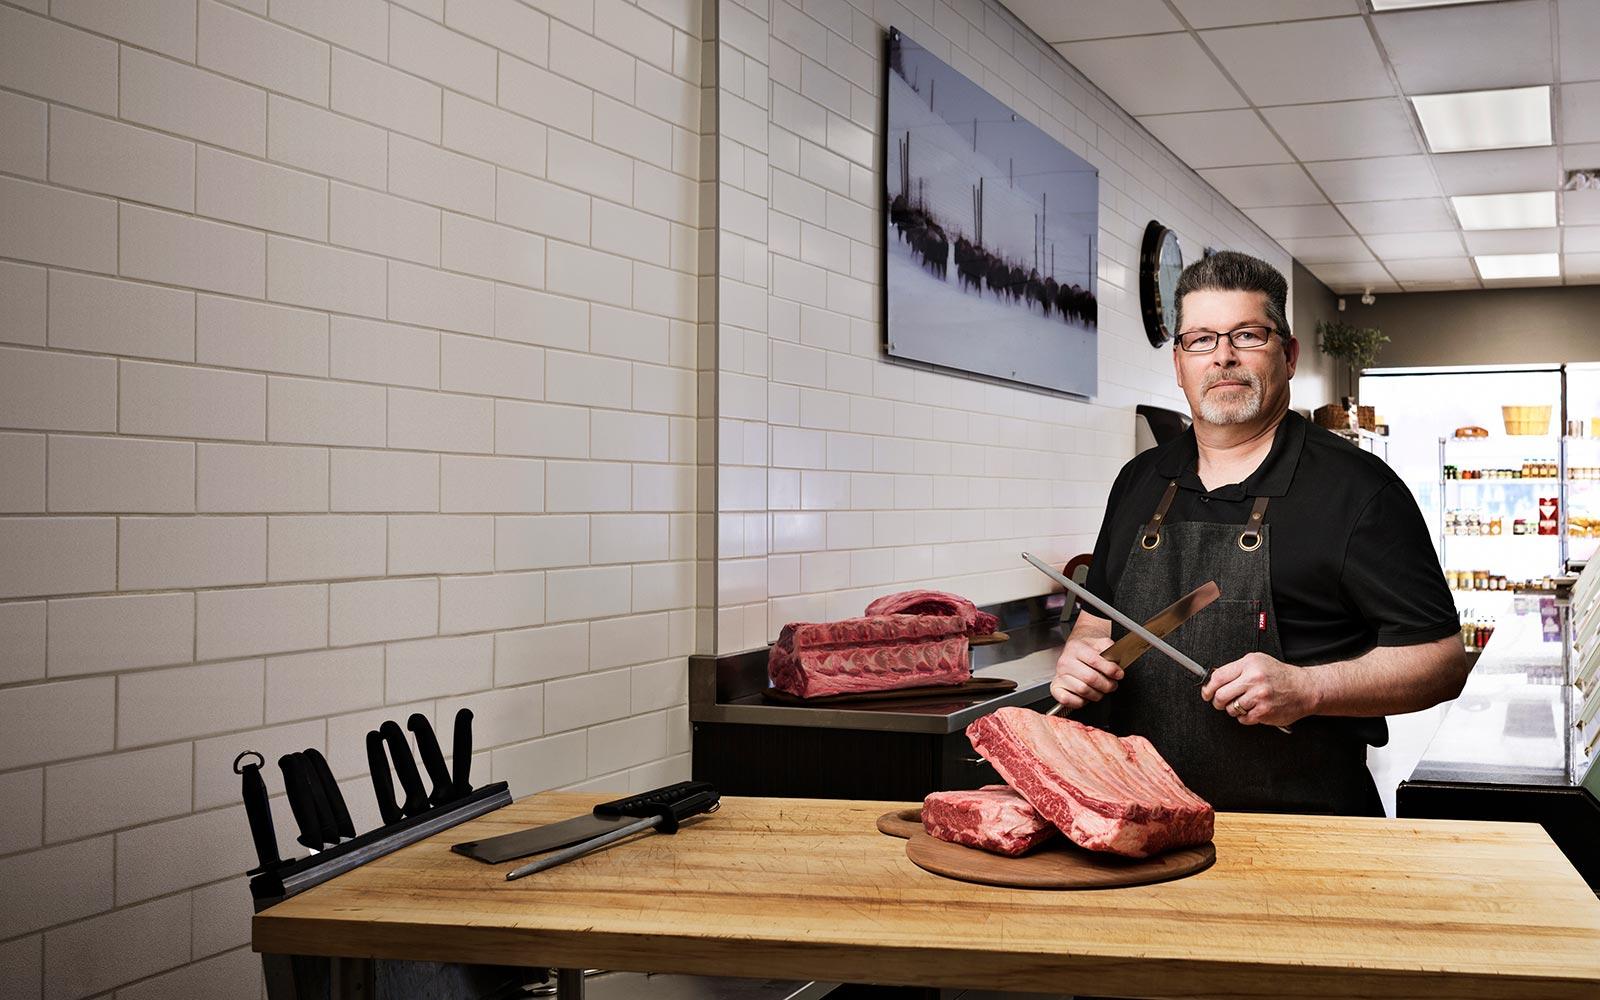 Bob-Choquette-Master-Butcher-Urban-butcher